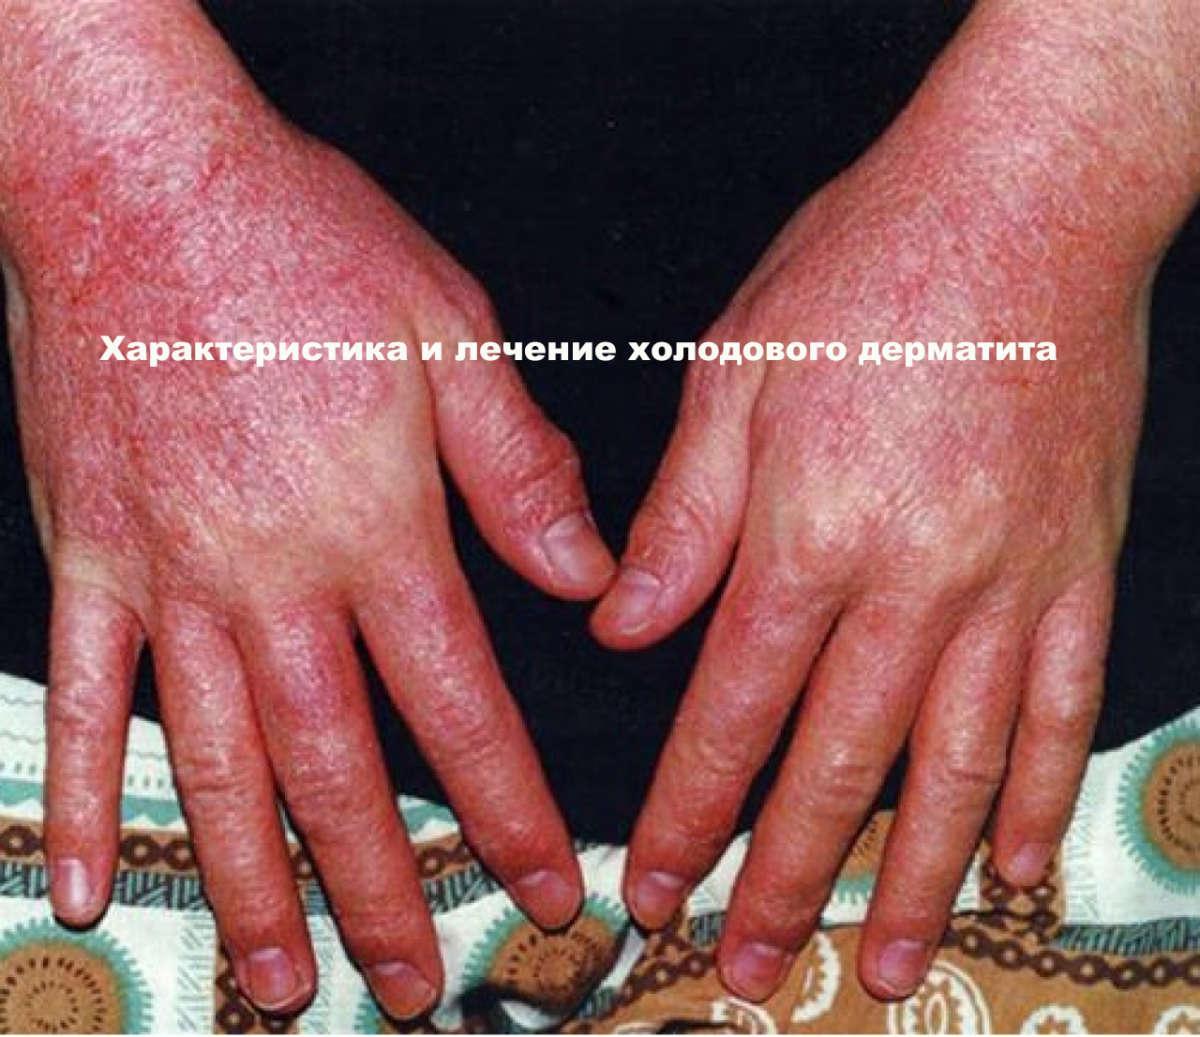 руки, покрытые дерматитом